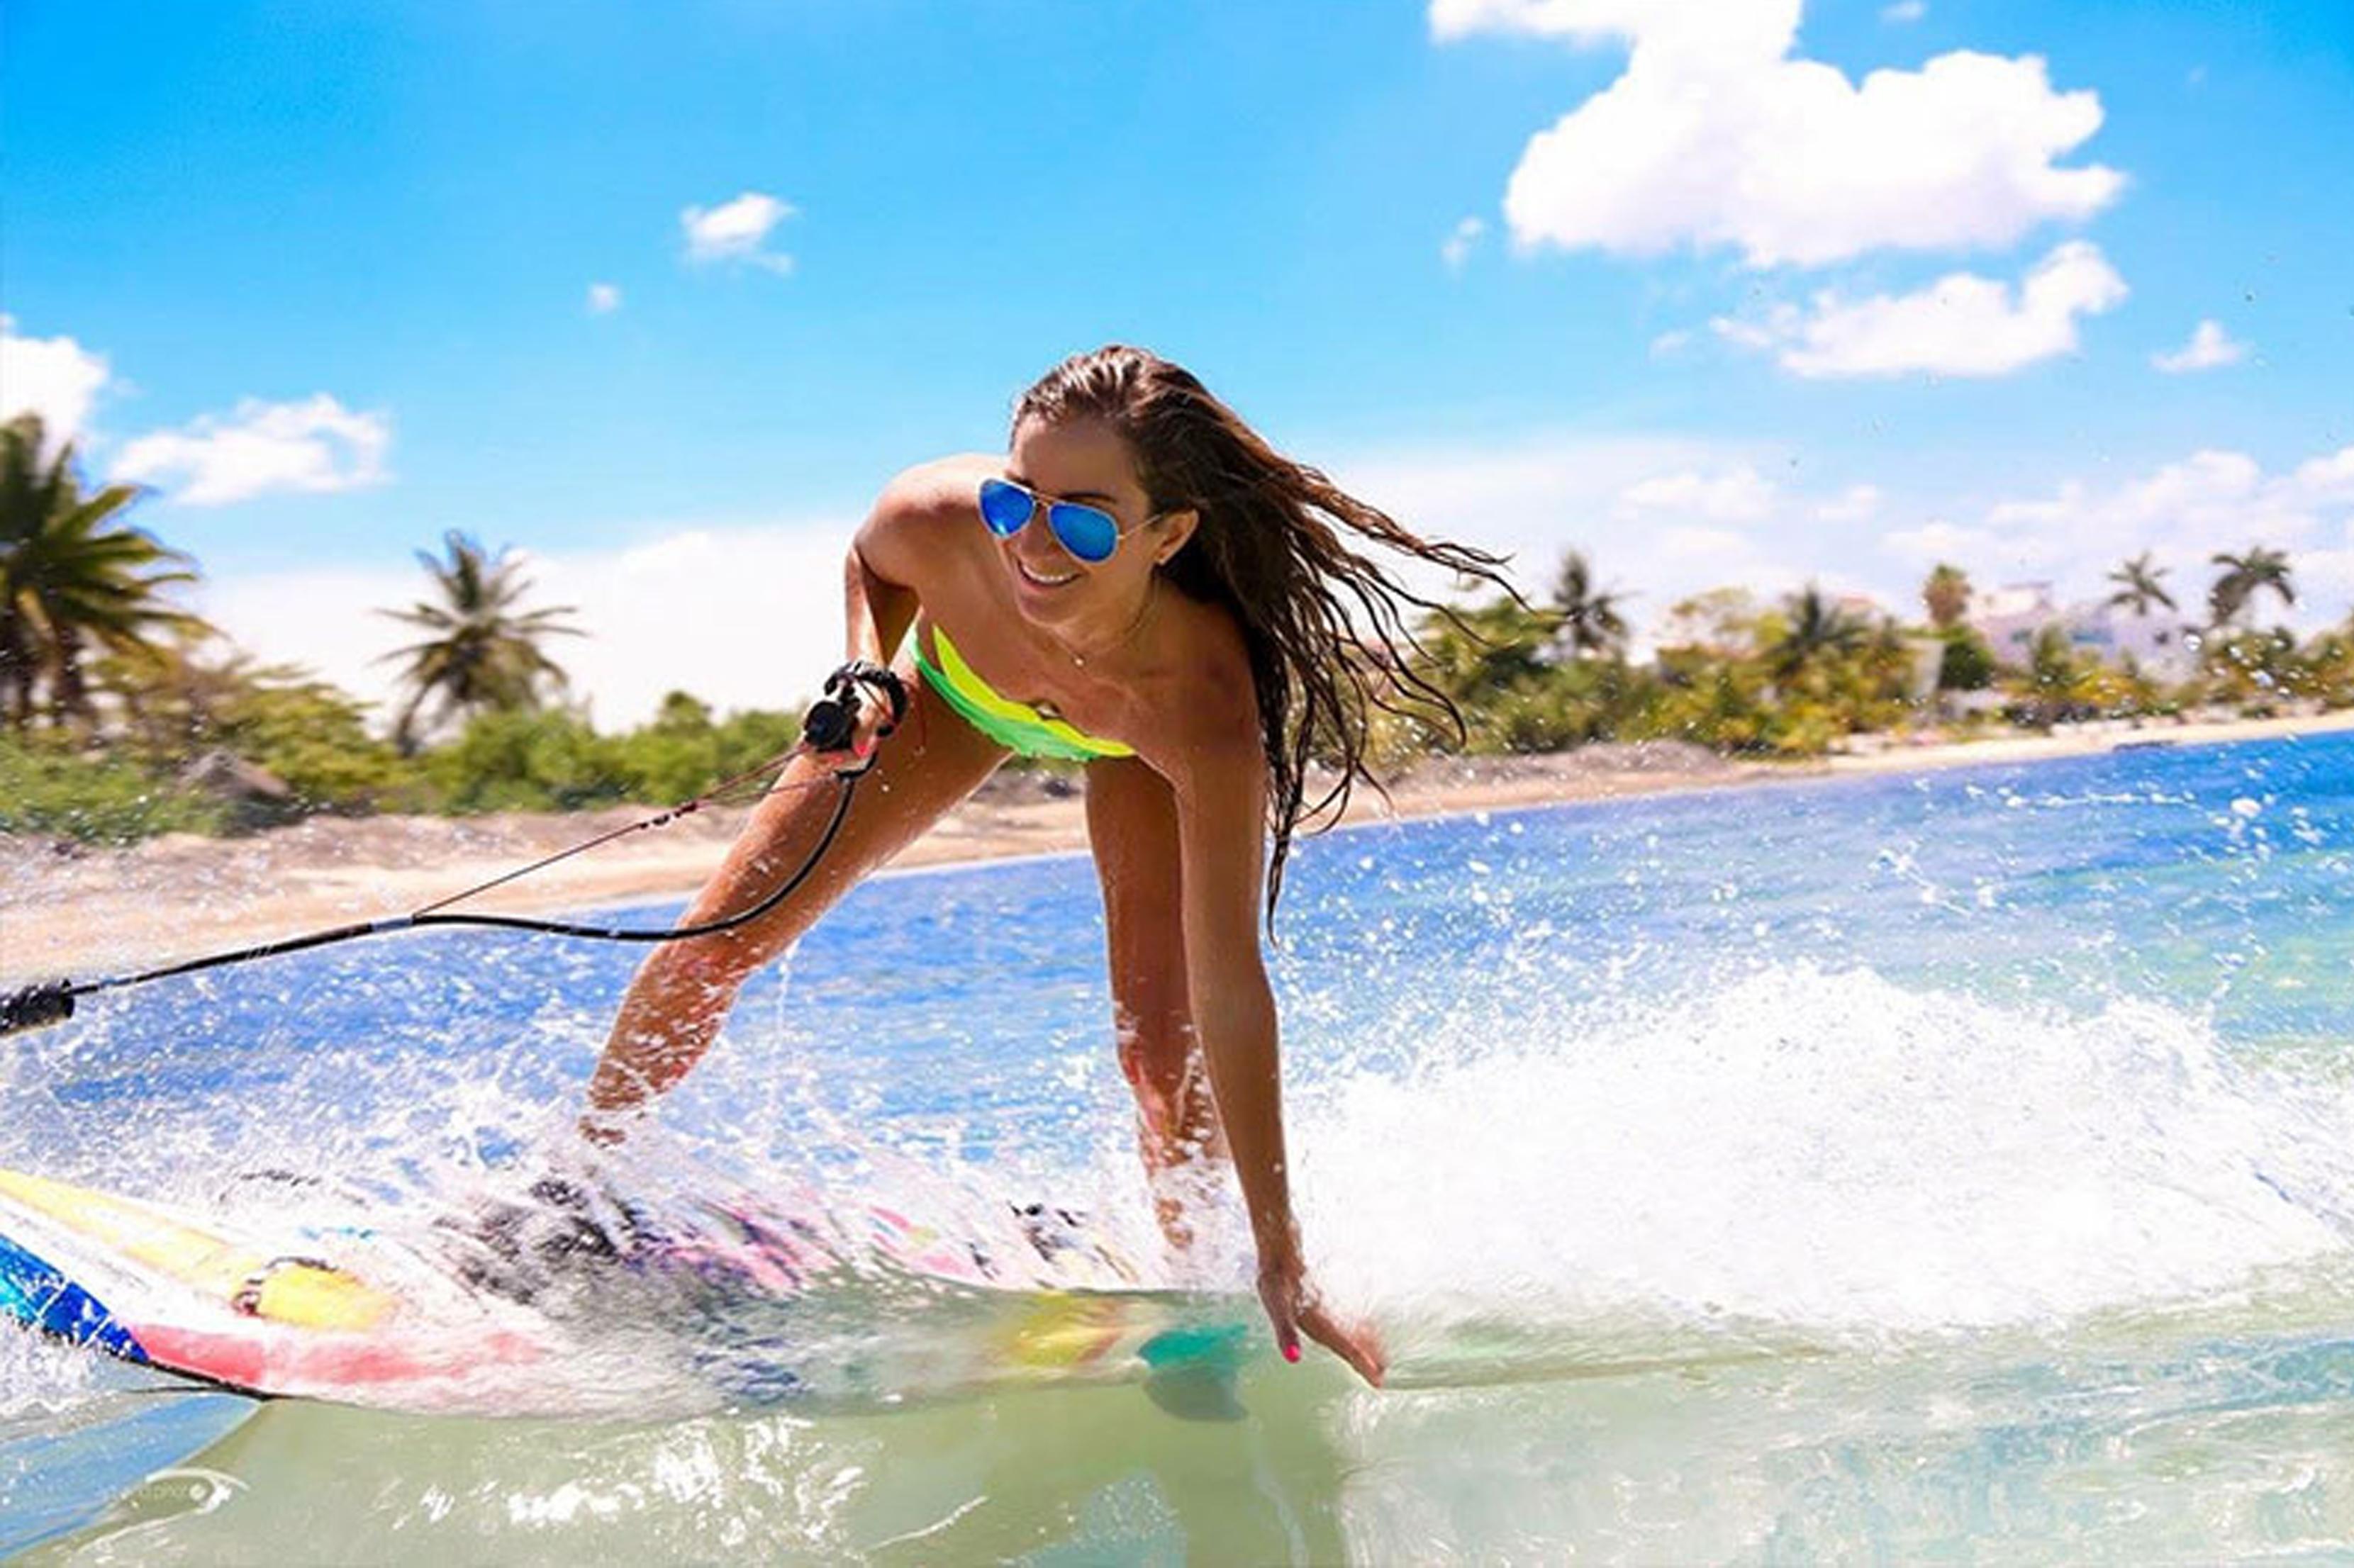 Jet Surf, muita diversão e velocidade.